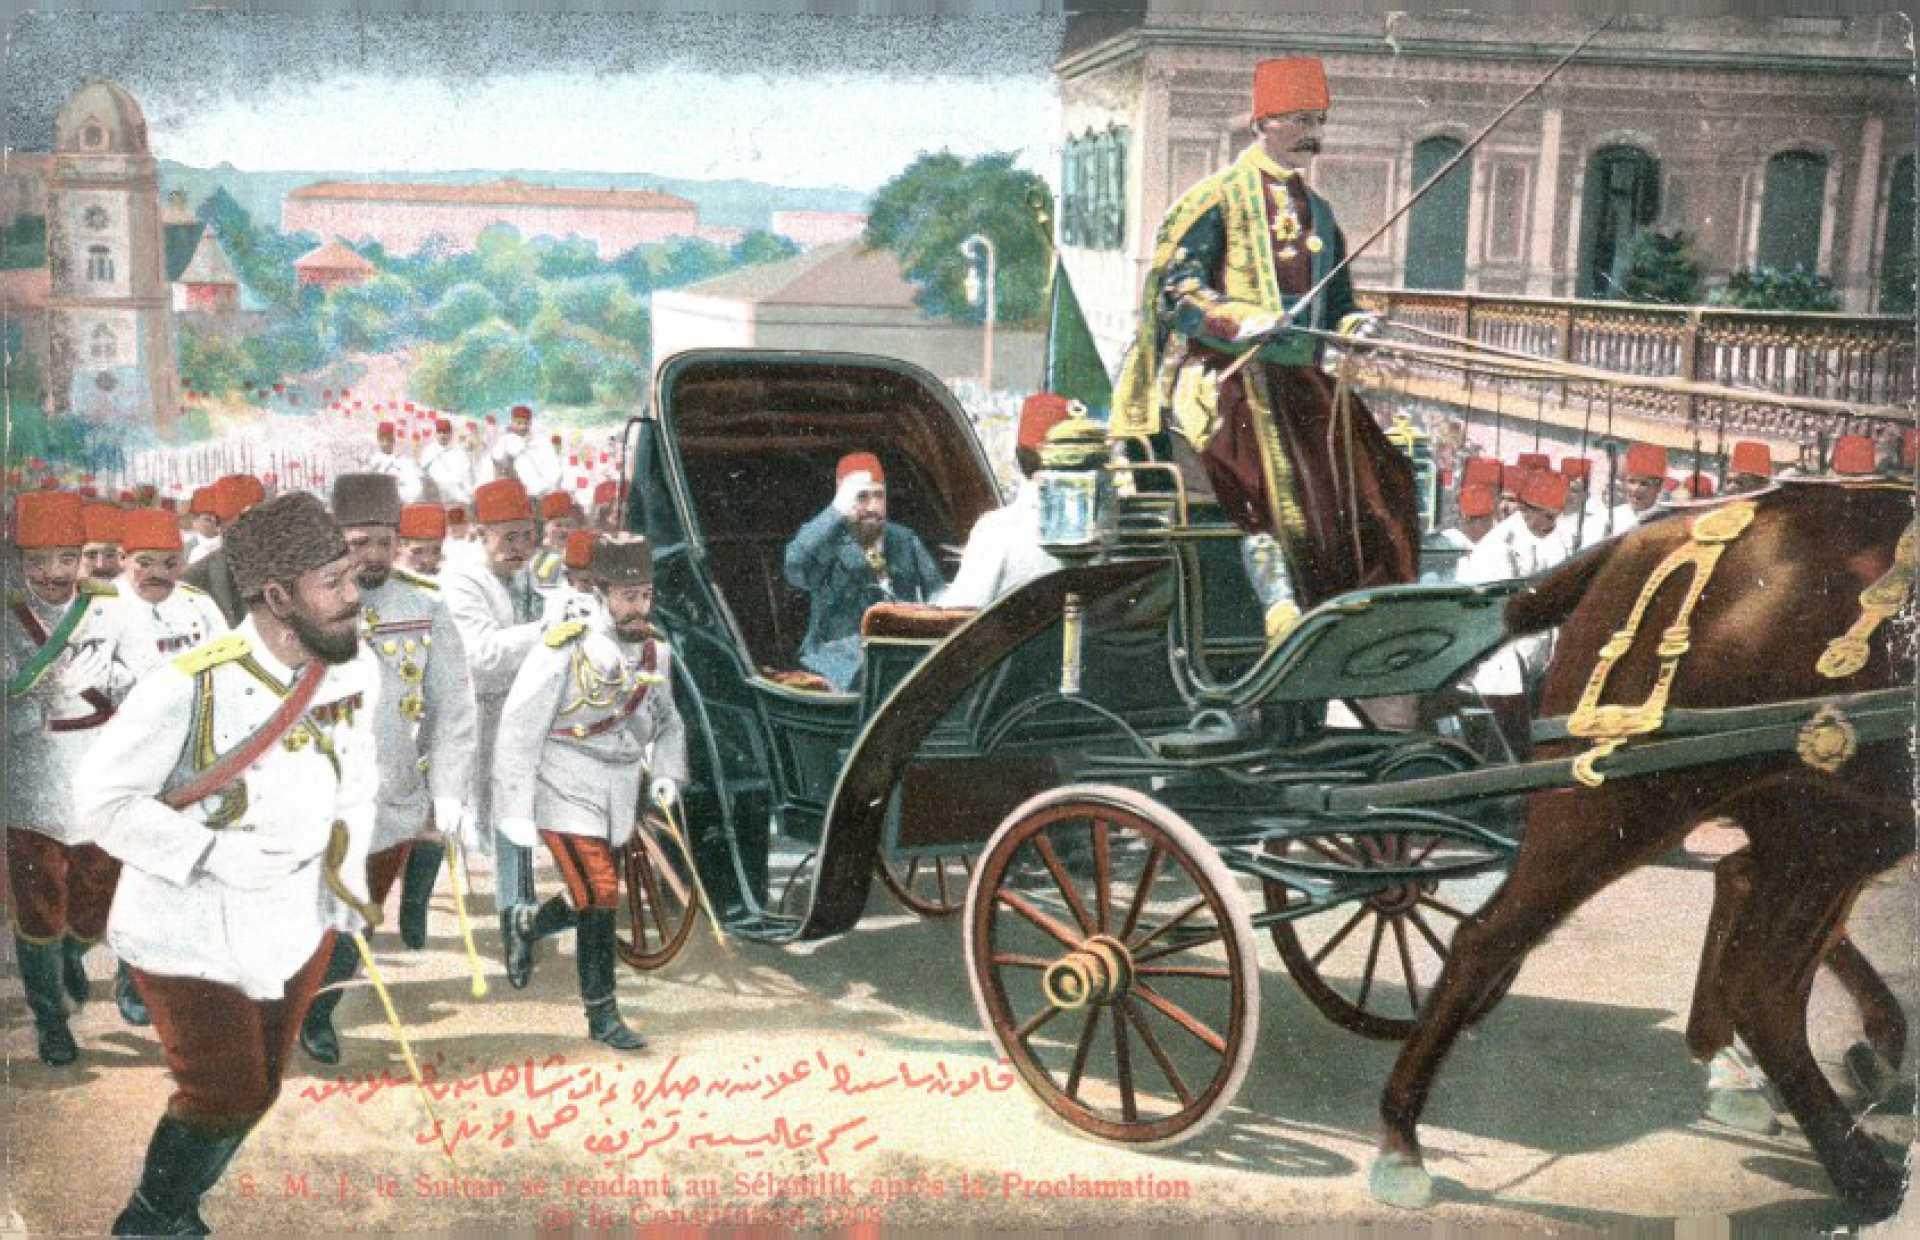 S.M.I. le Sultan se rendant au Selamlik apres la Proclamation